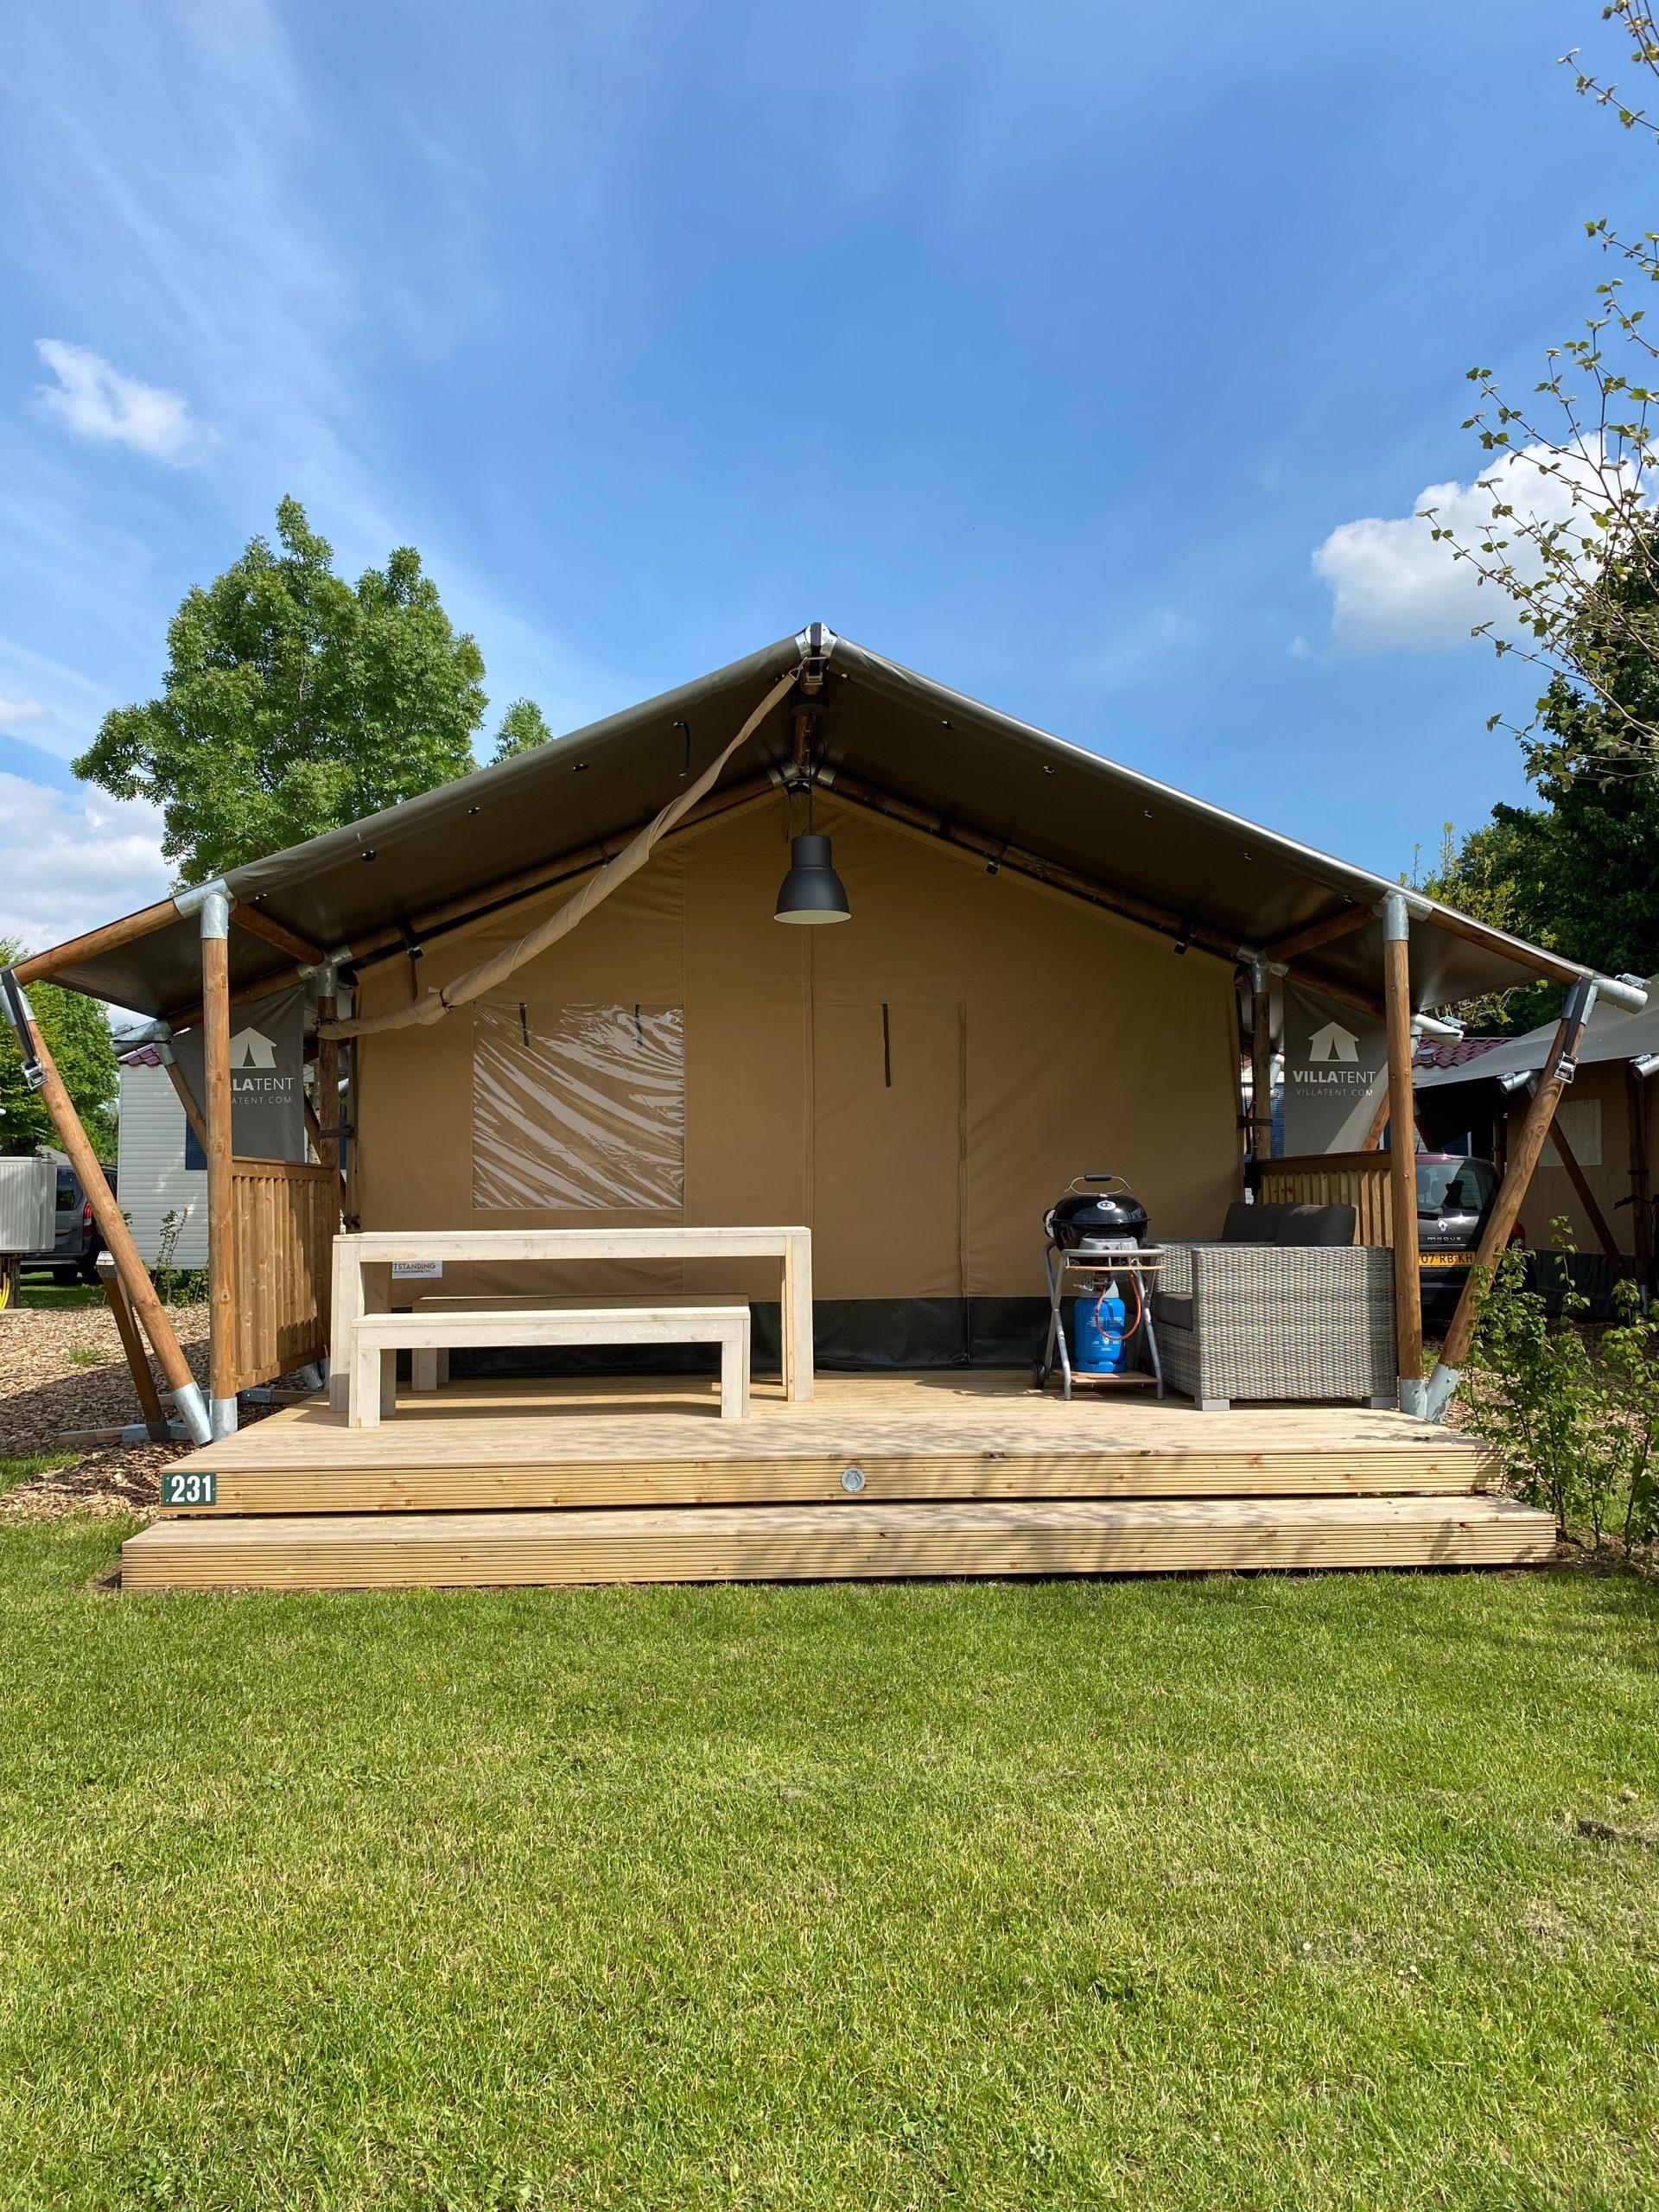 Villatent camping 't Geuldal in Meerssen